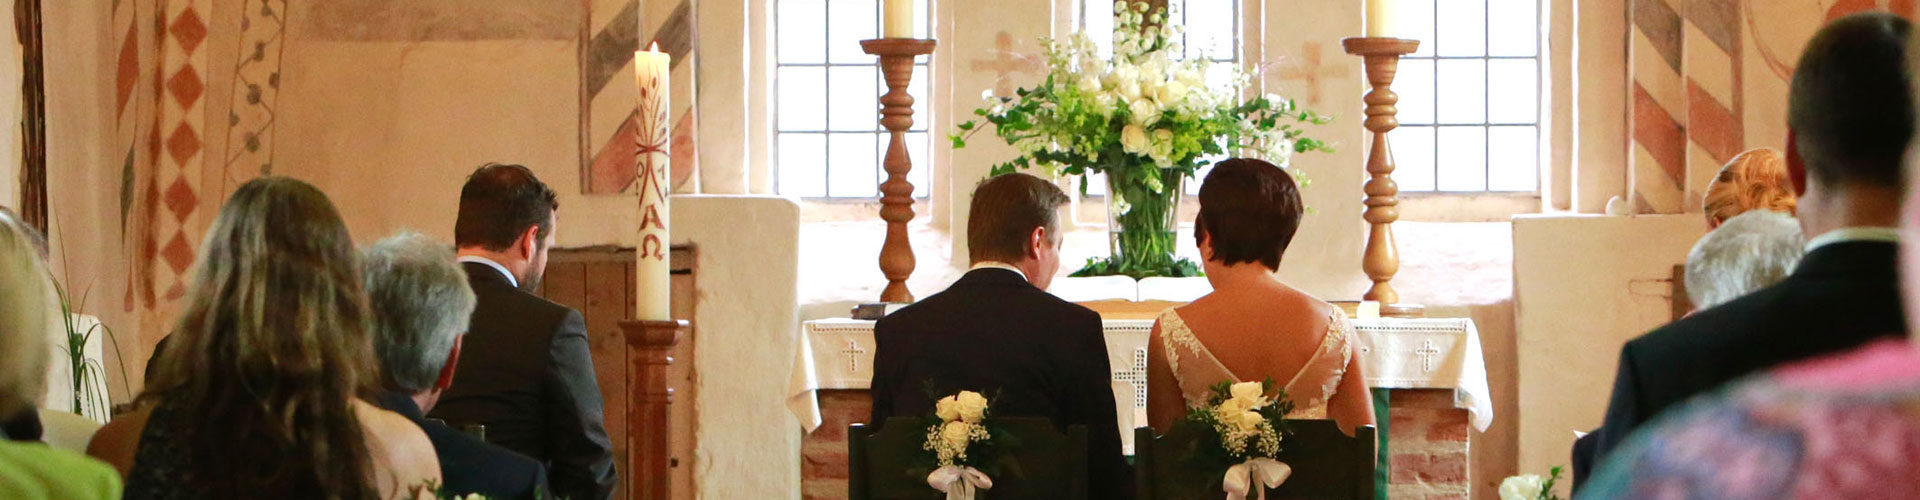 Reportagefotografie Hochzeitsfotografie